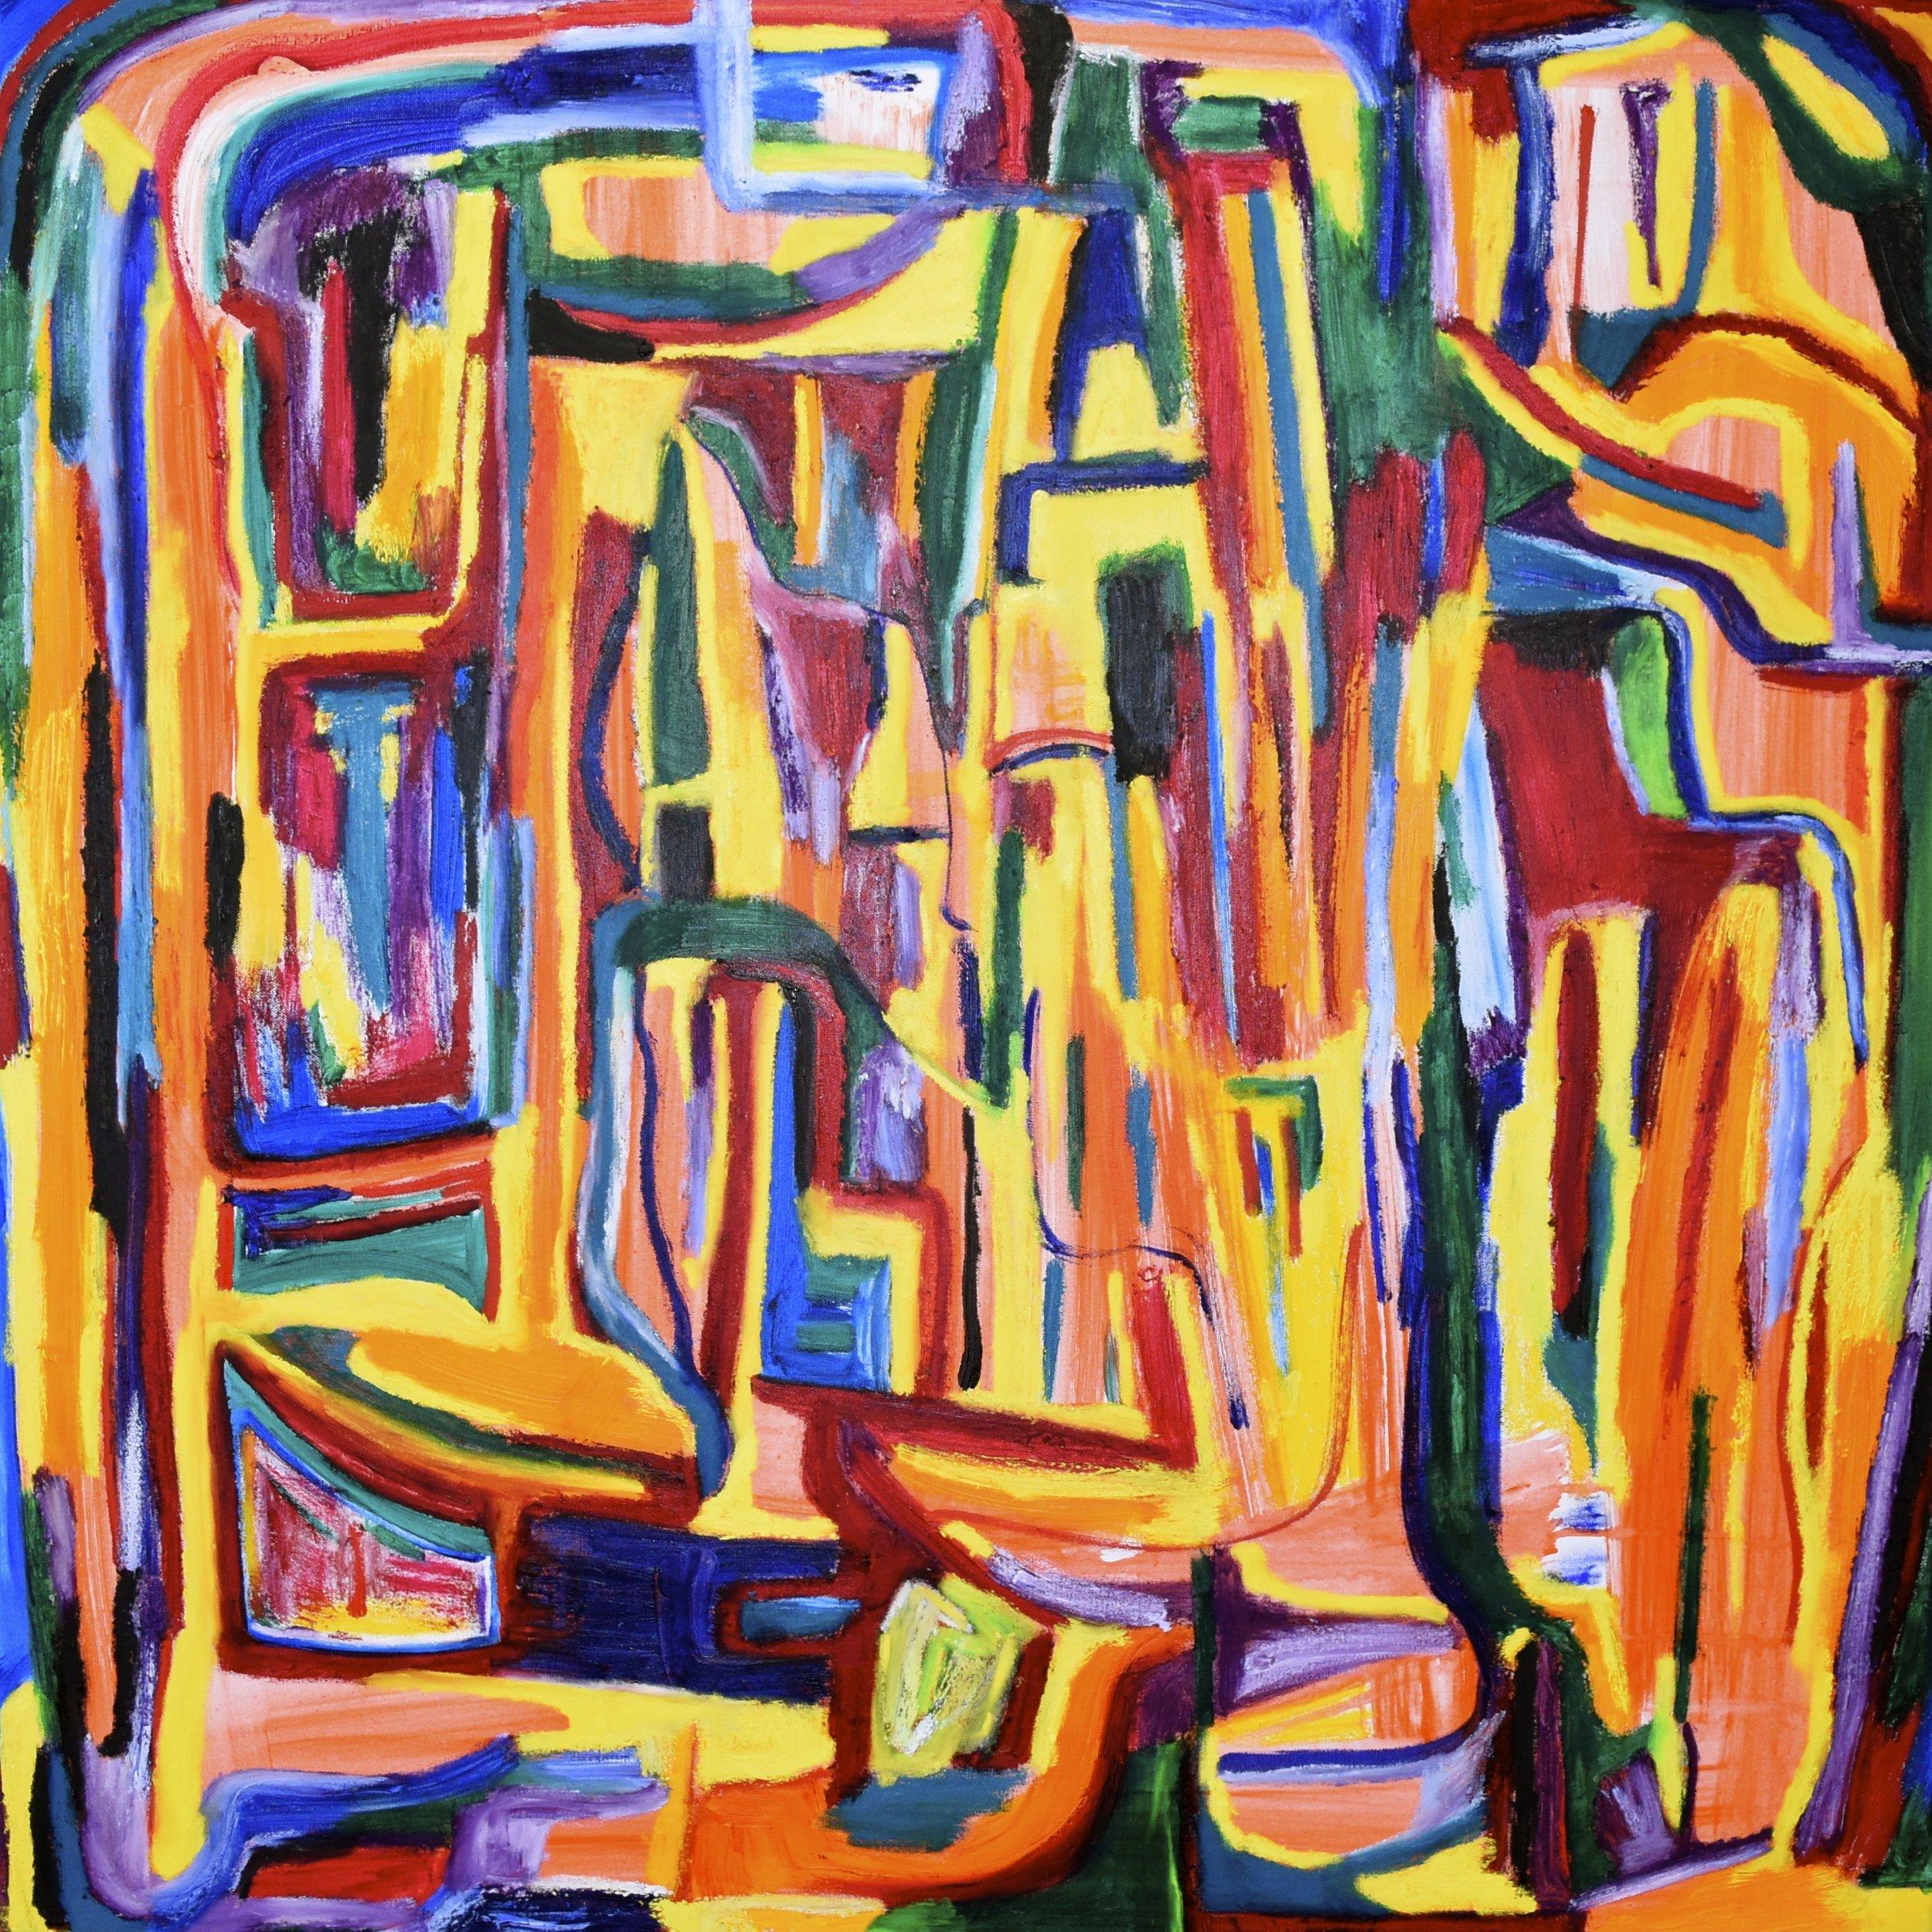 Hidden, 2017.  Oil and acrylic on canvas, 90 x 90 cm